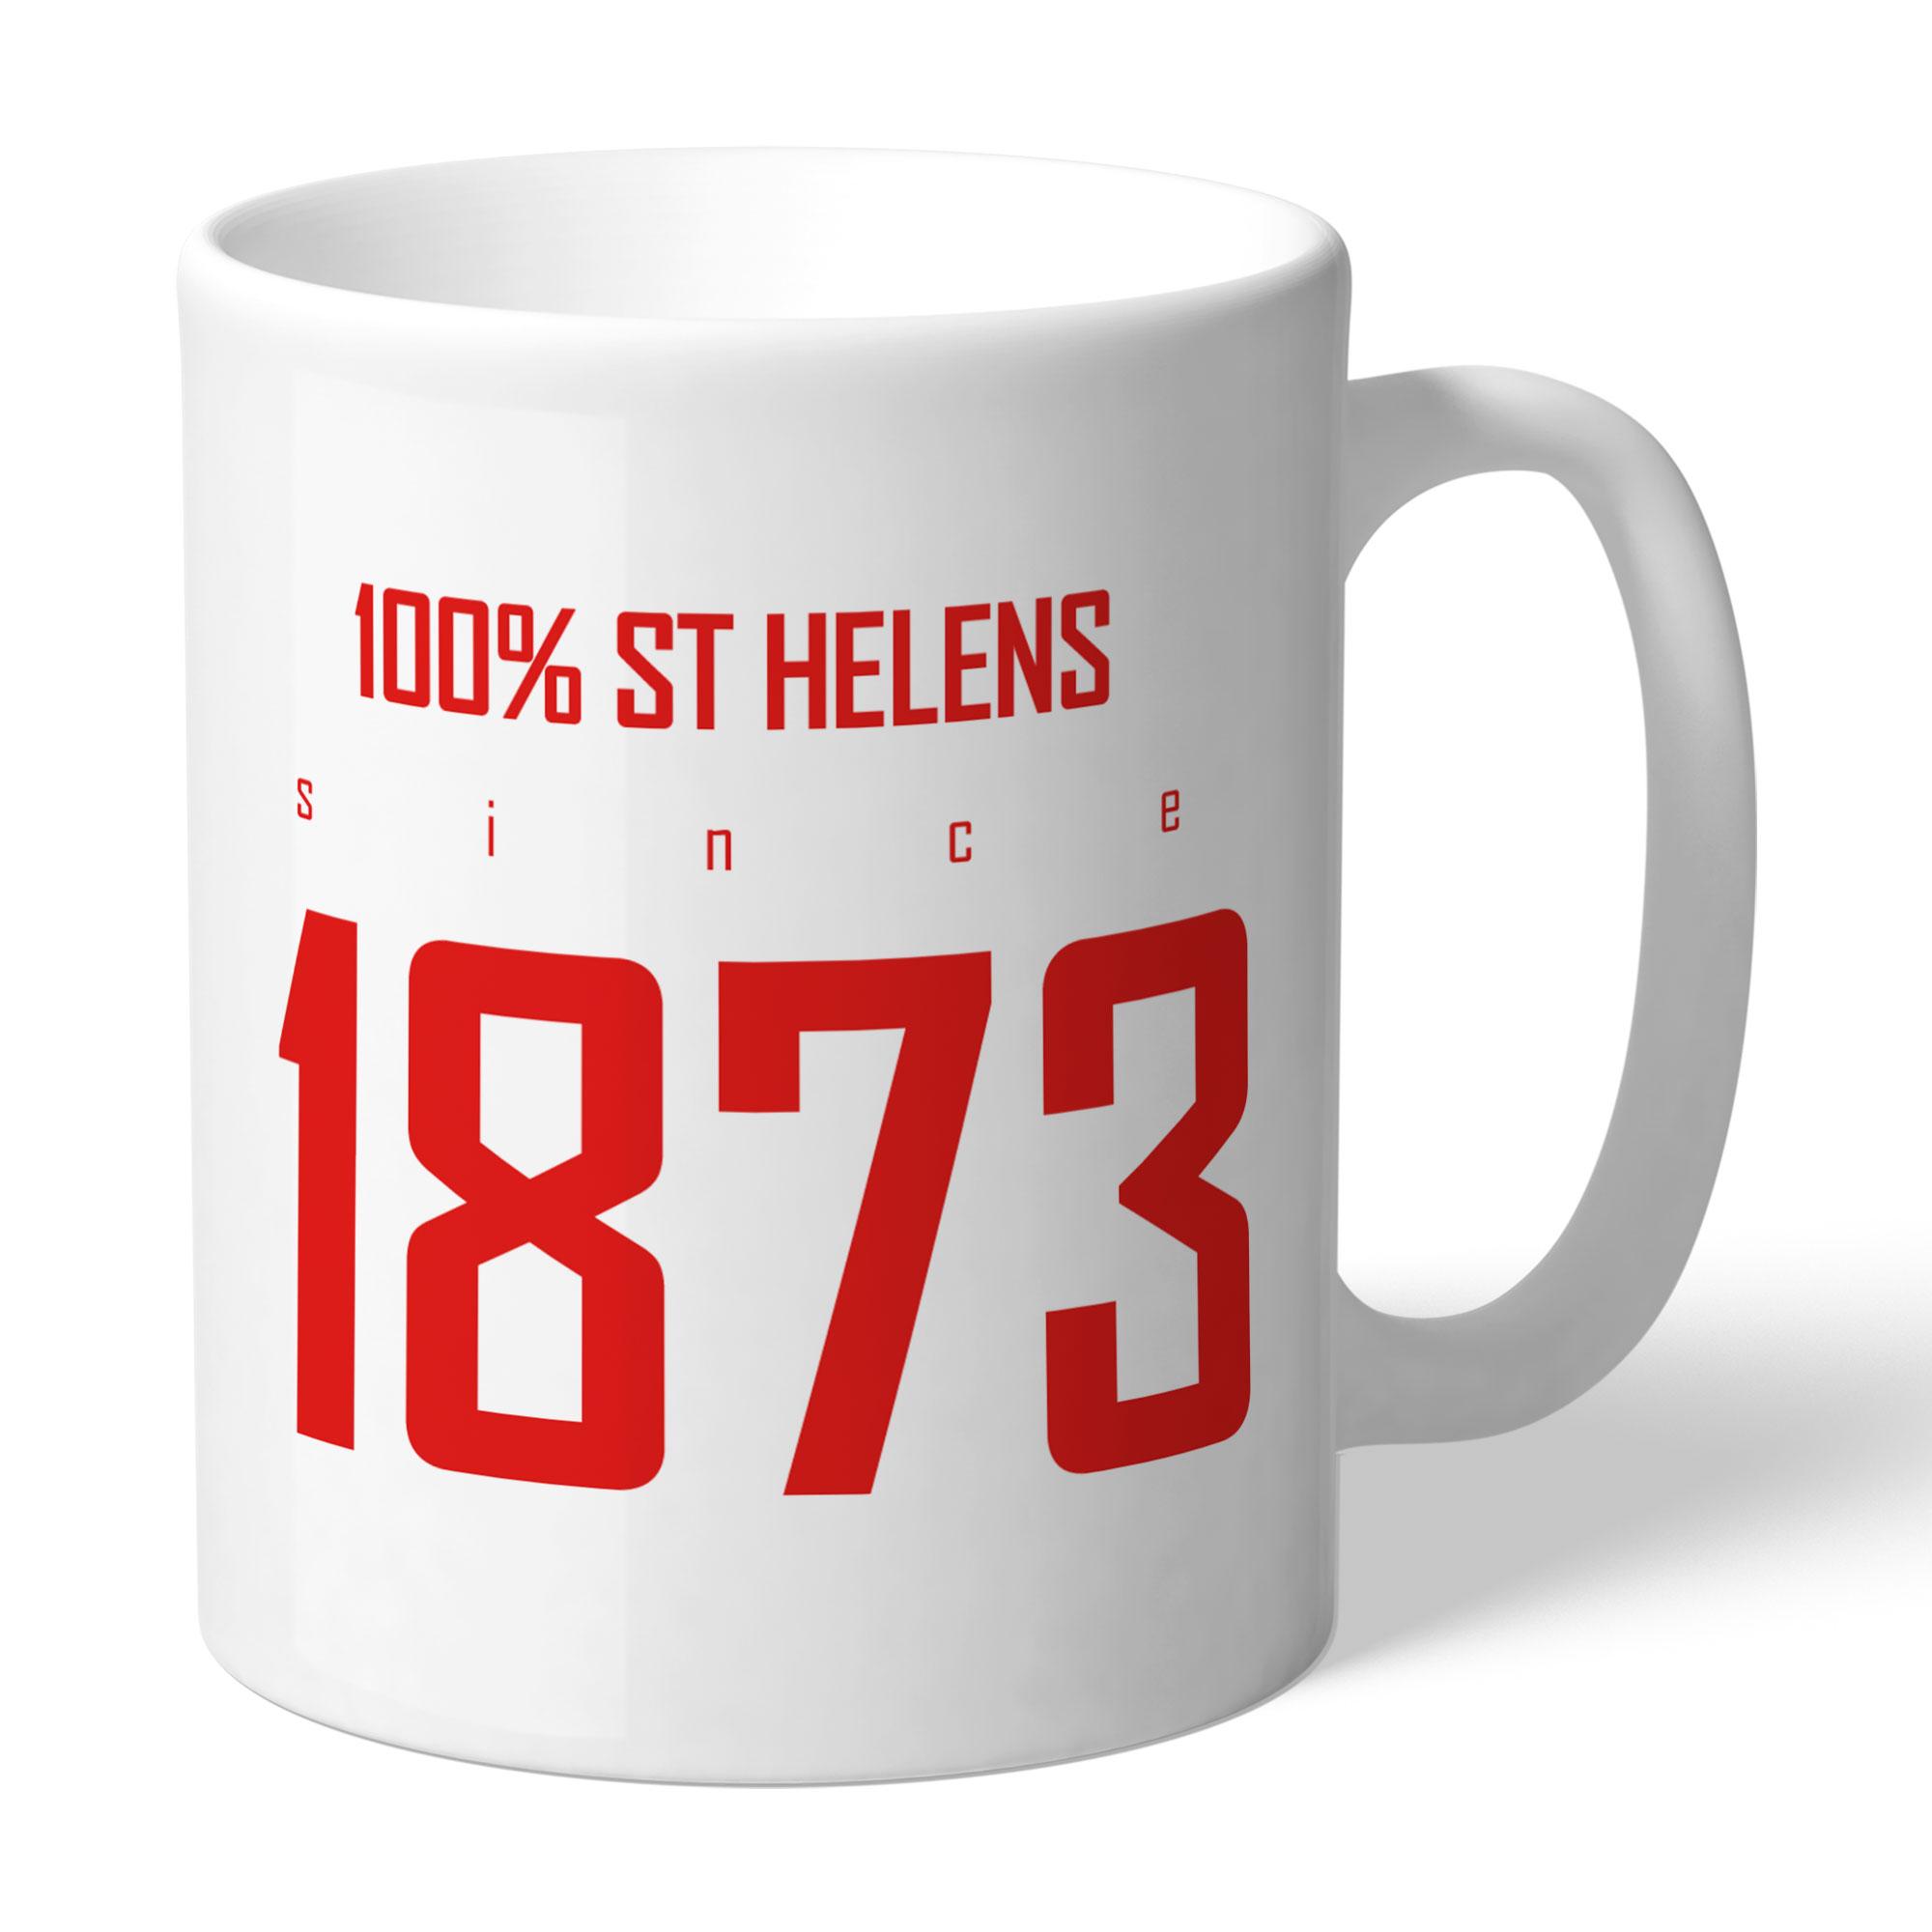 St Helens 100 Percent Mug